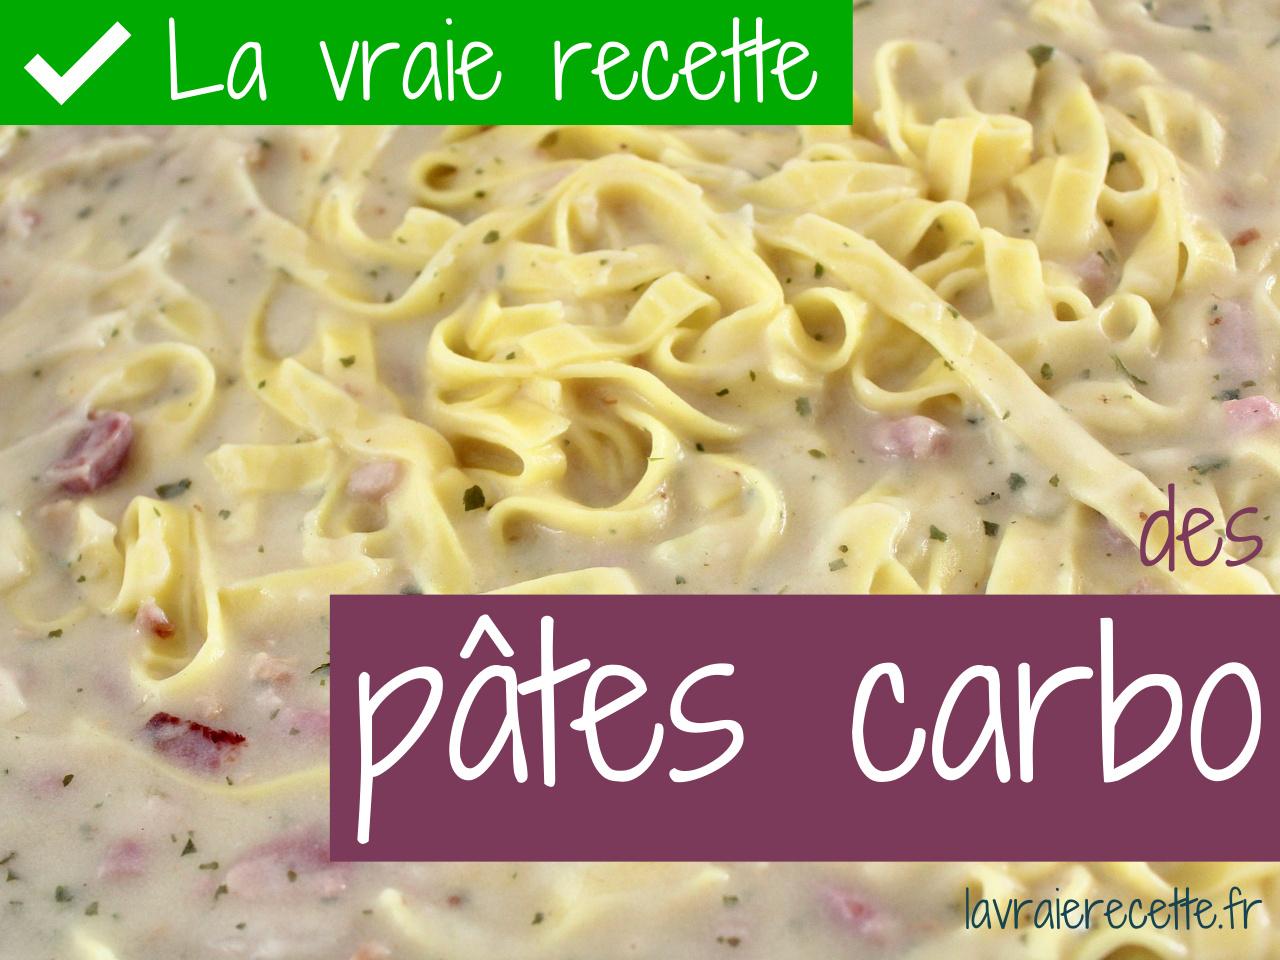 Idee Repas Avec Pates.La Vraie Recette Des Pâtes Carbo Avec Lardons Et Crème Fraîche